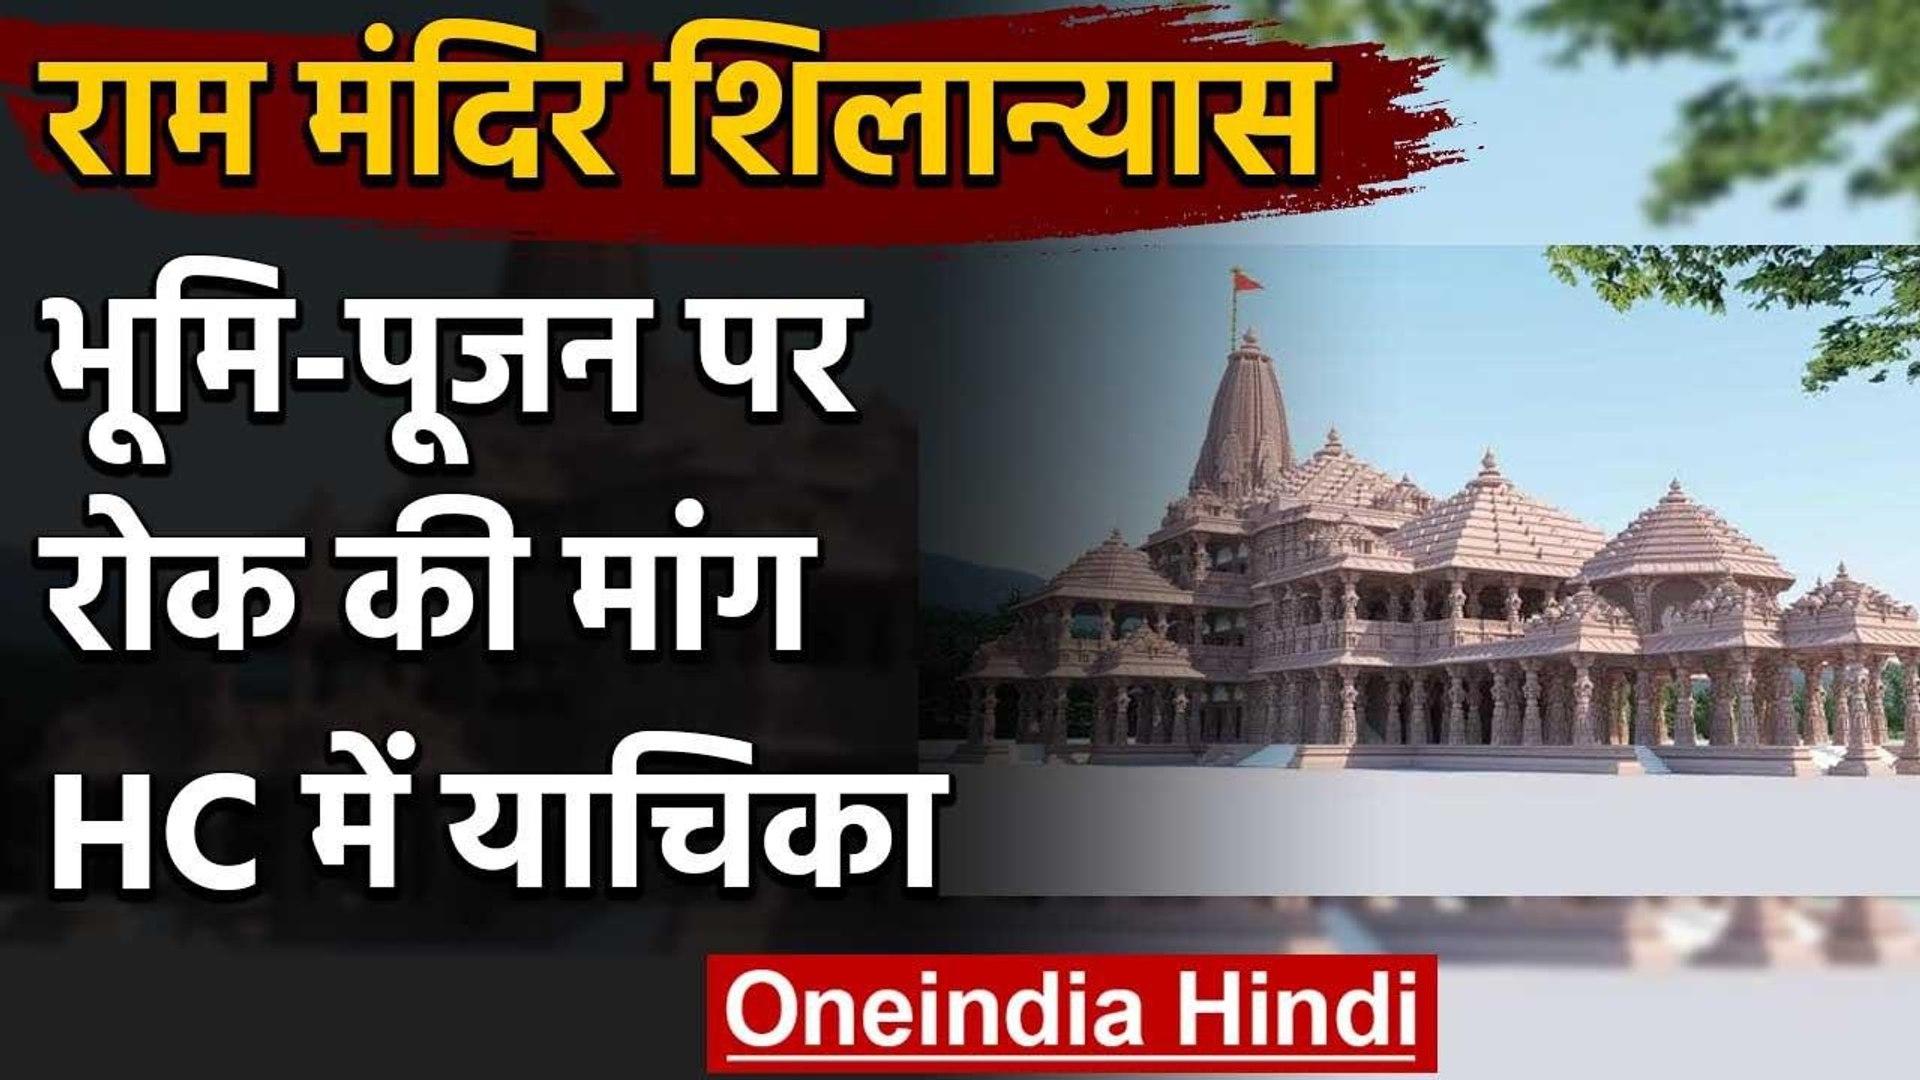 Ayodhya Ram Mandir भूमि पूजन पर रोक की मांग, Allahabad High Court याचिका दाखिल | वनइंडिया हिंदी